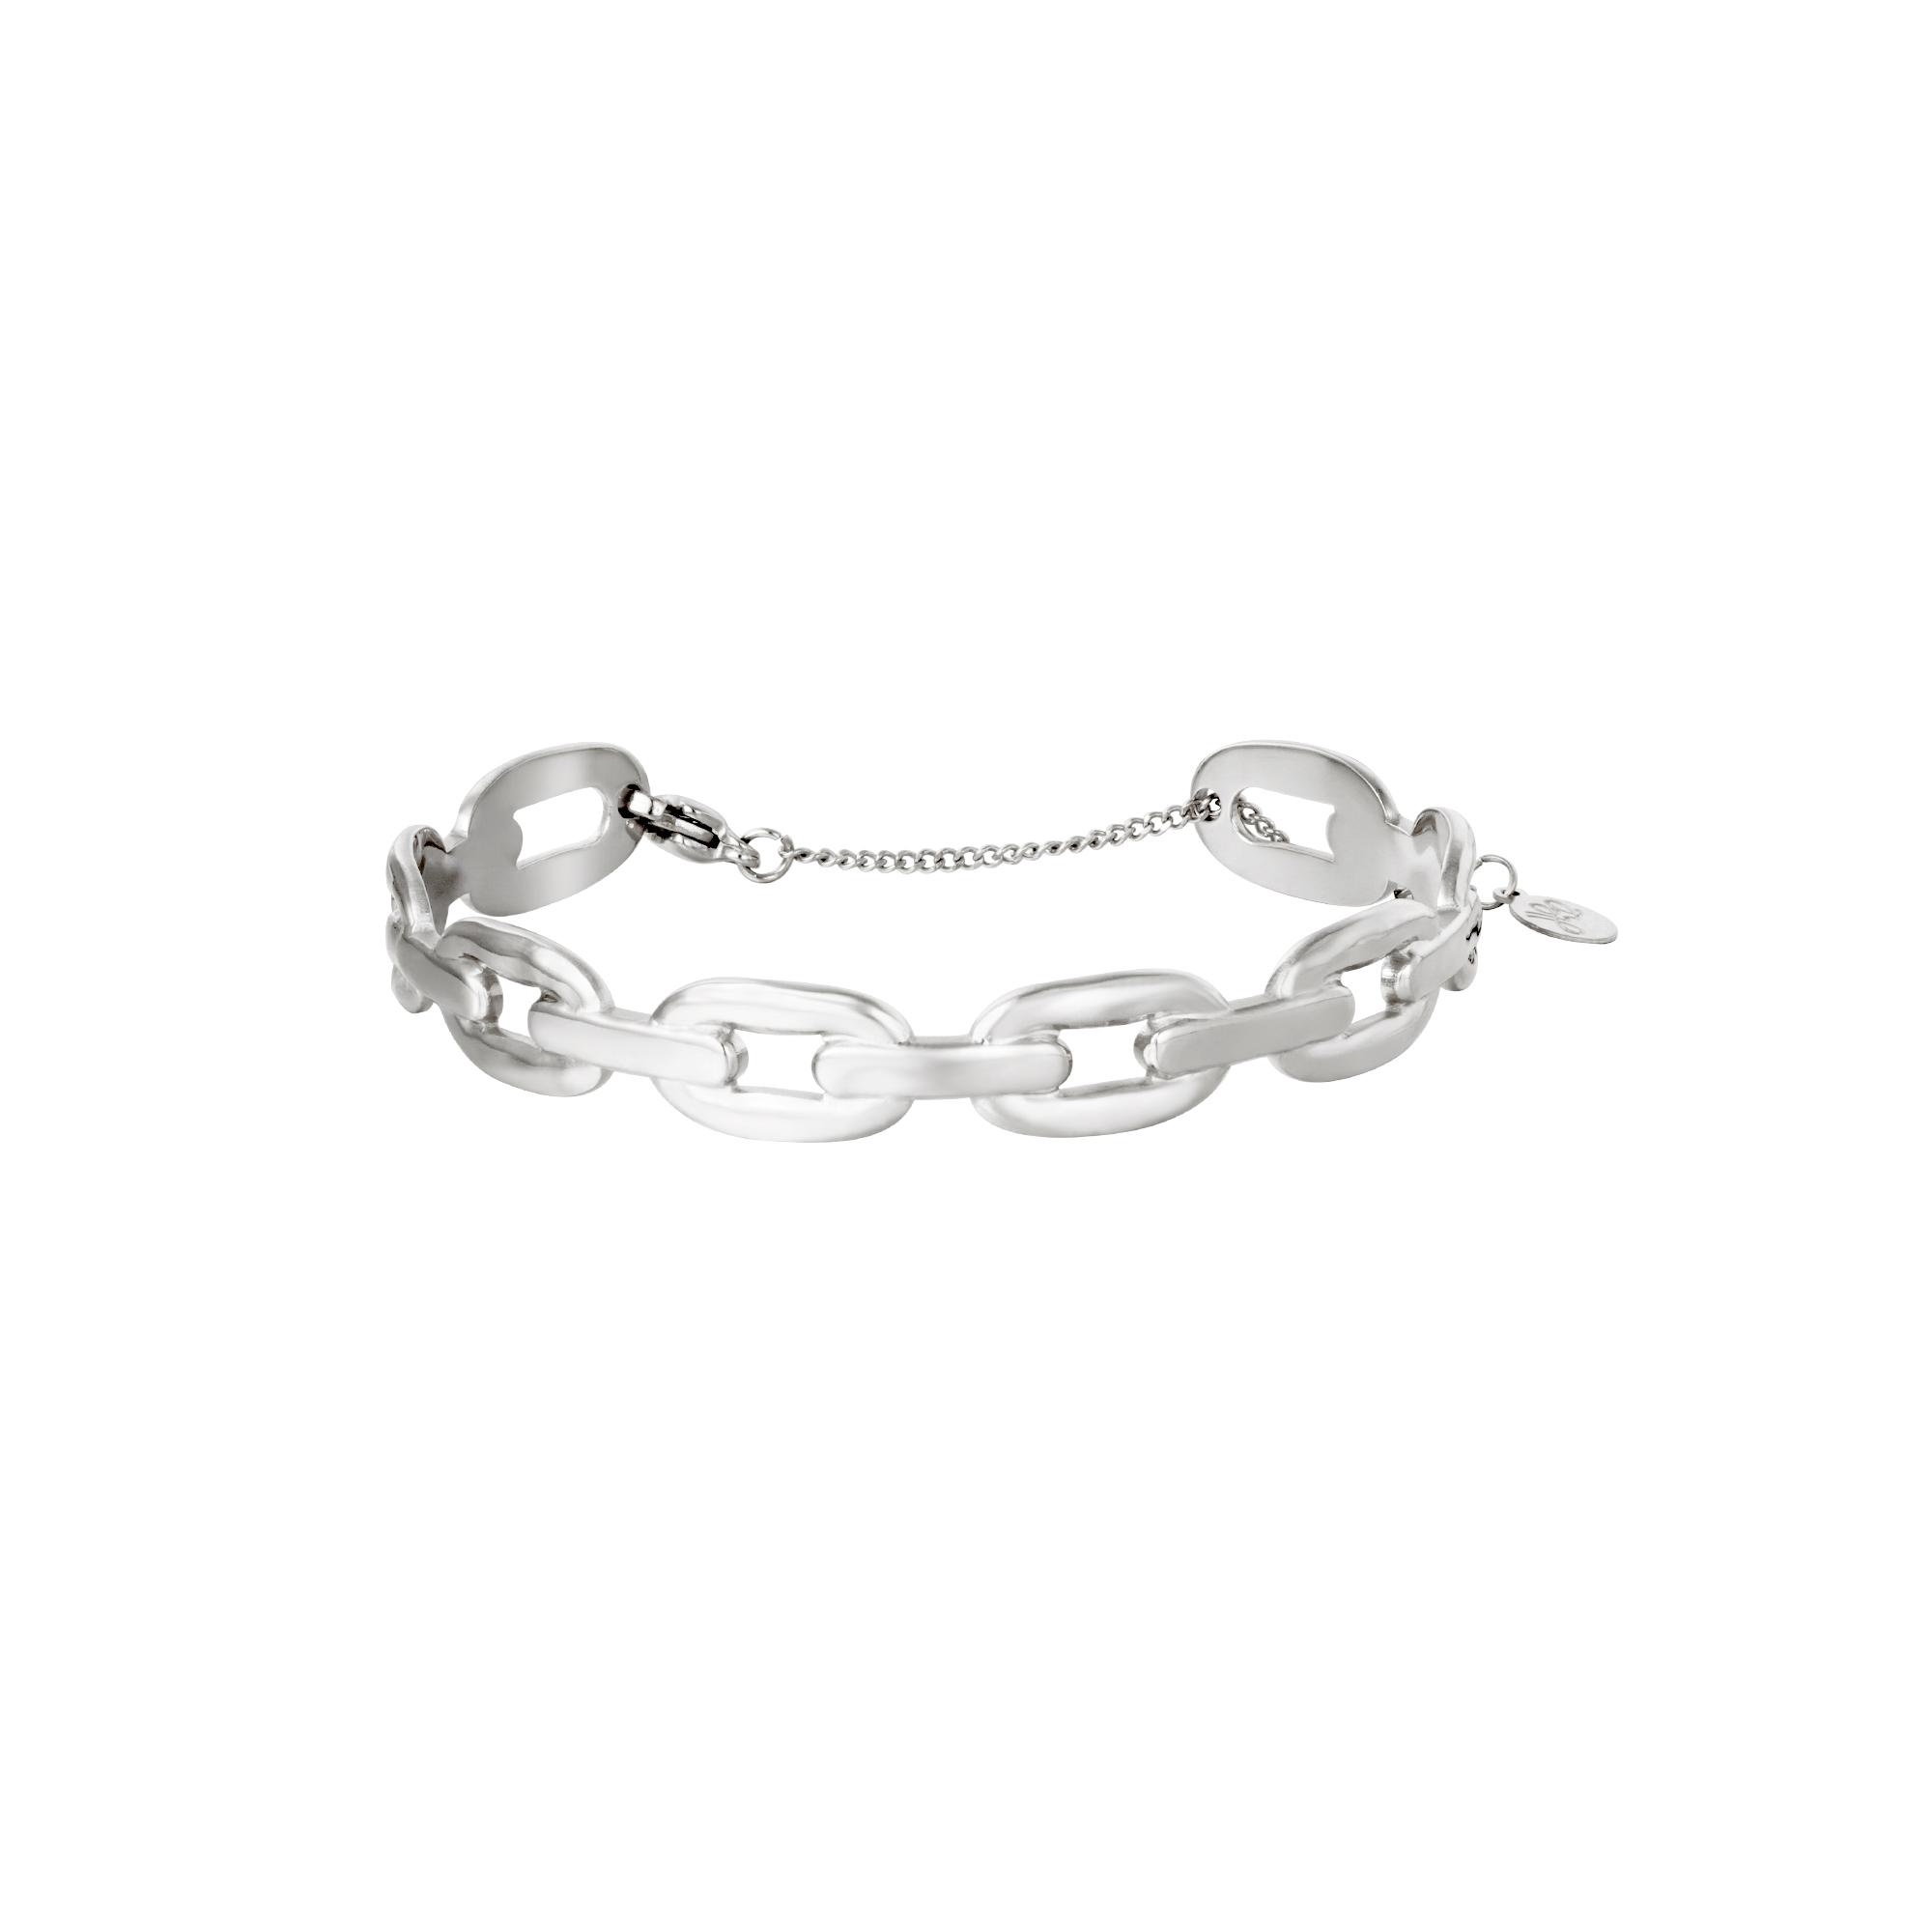 Armband oval chain